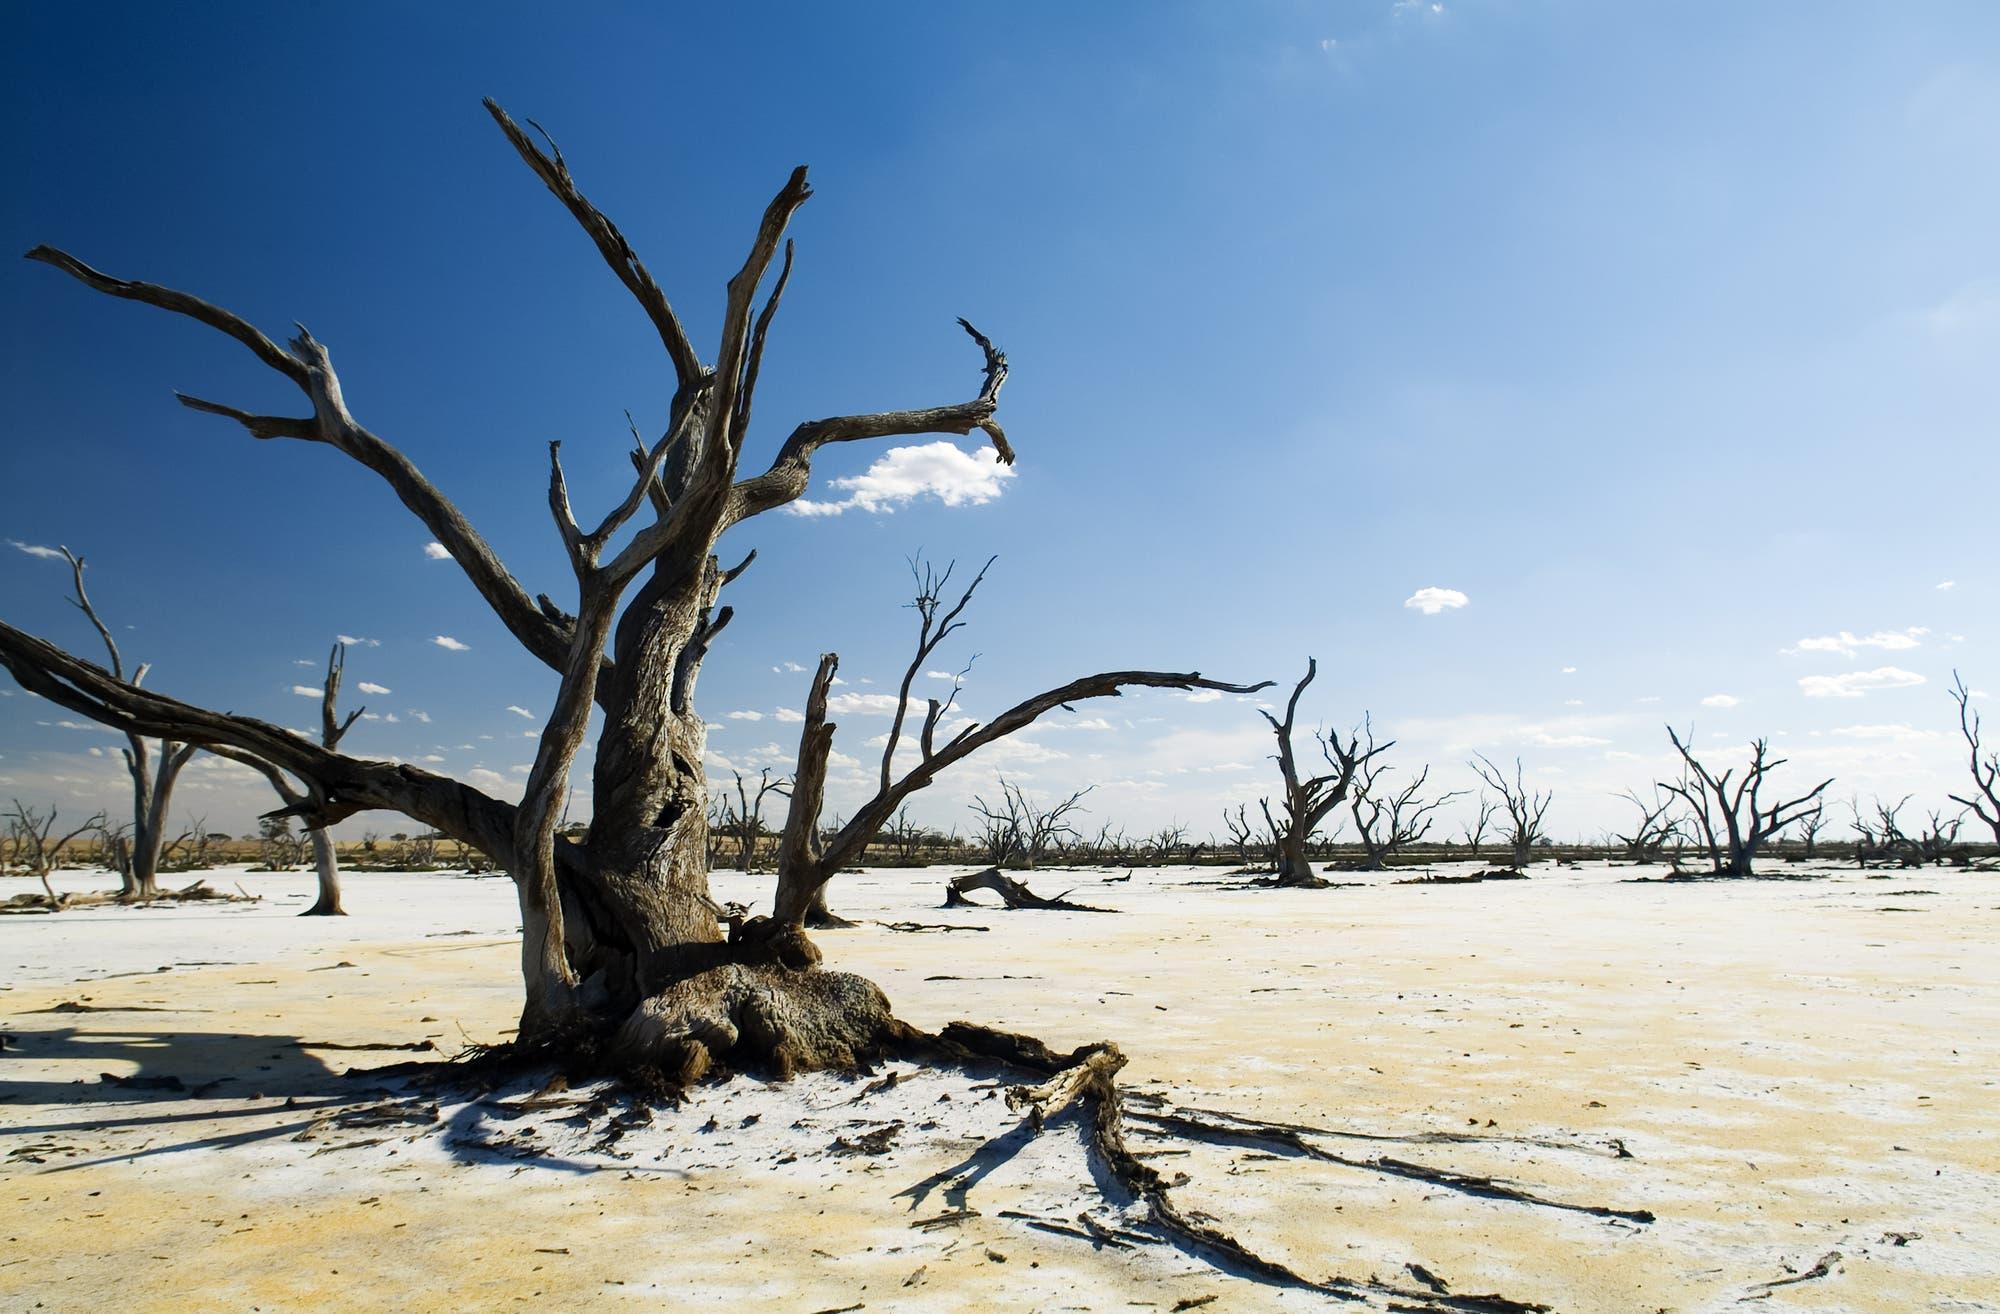 Vertrocknete Bäume in Australien